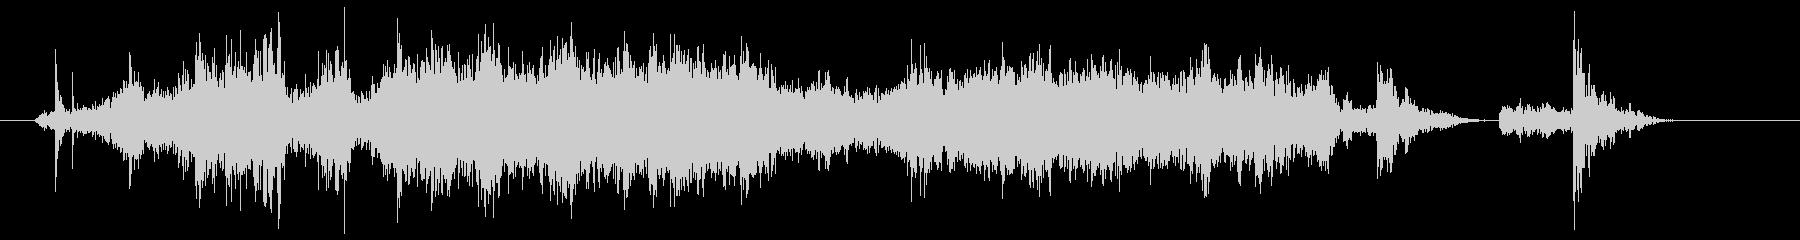 ザートン(金属製の軽い網戸を閉める音)の未再生の波形